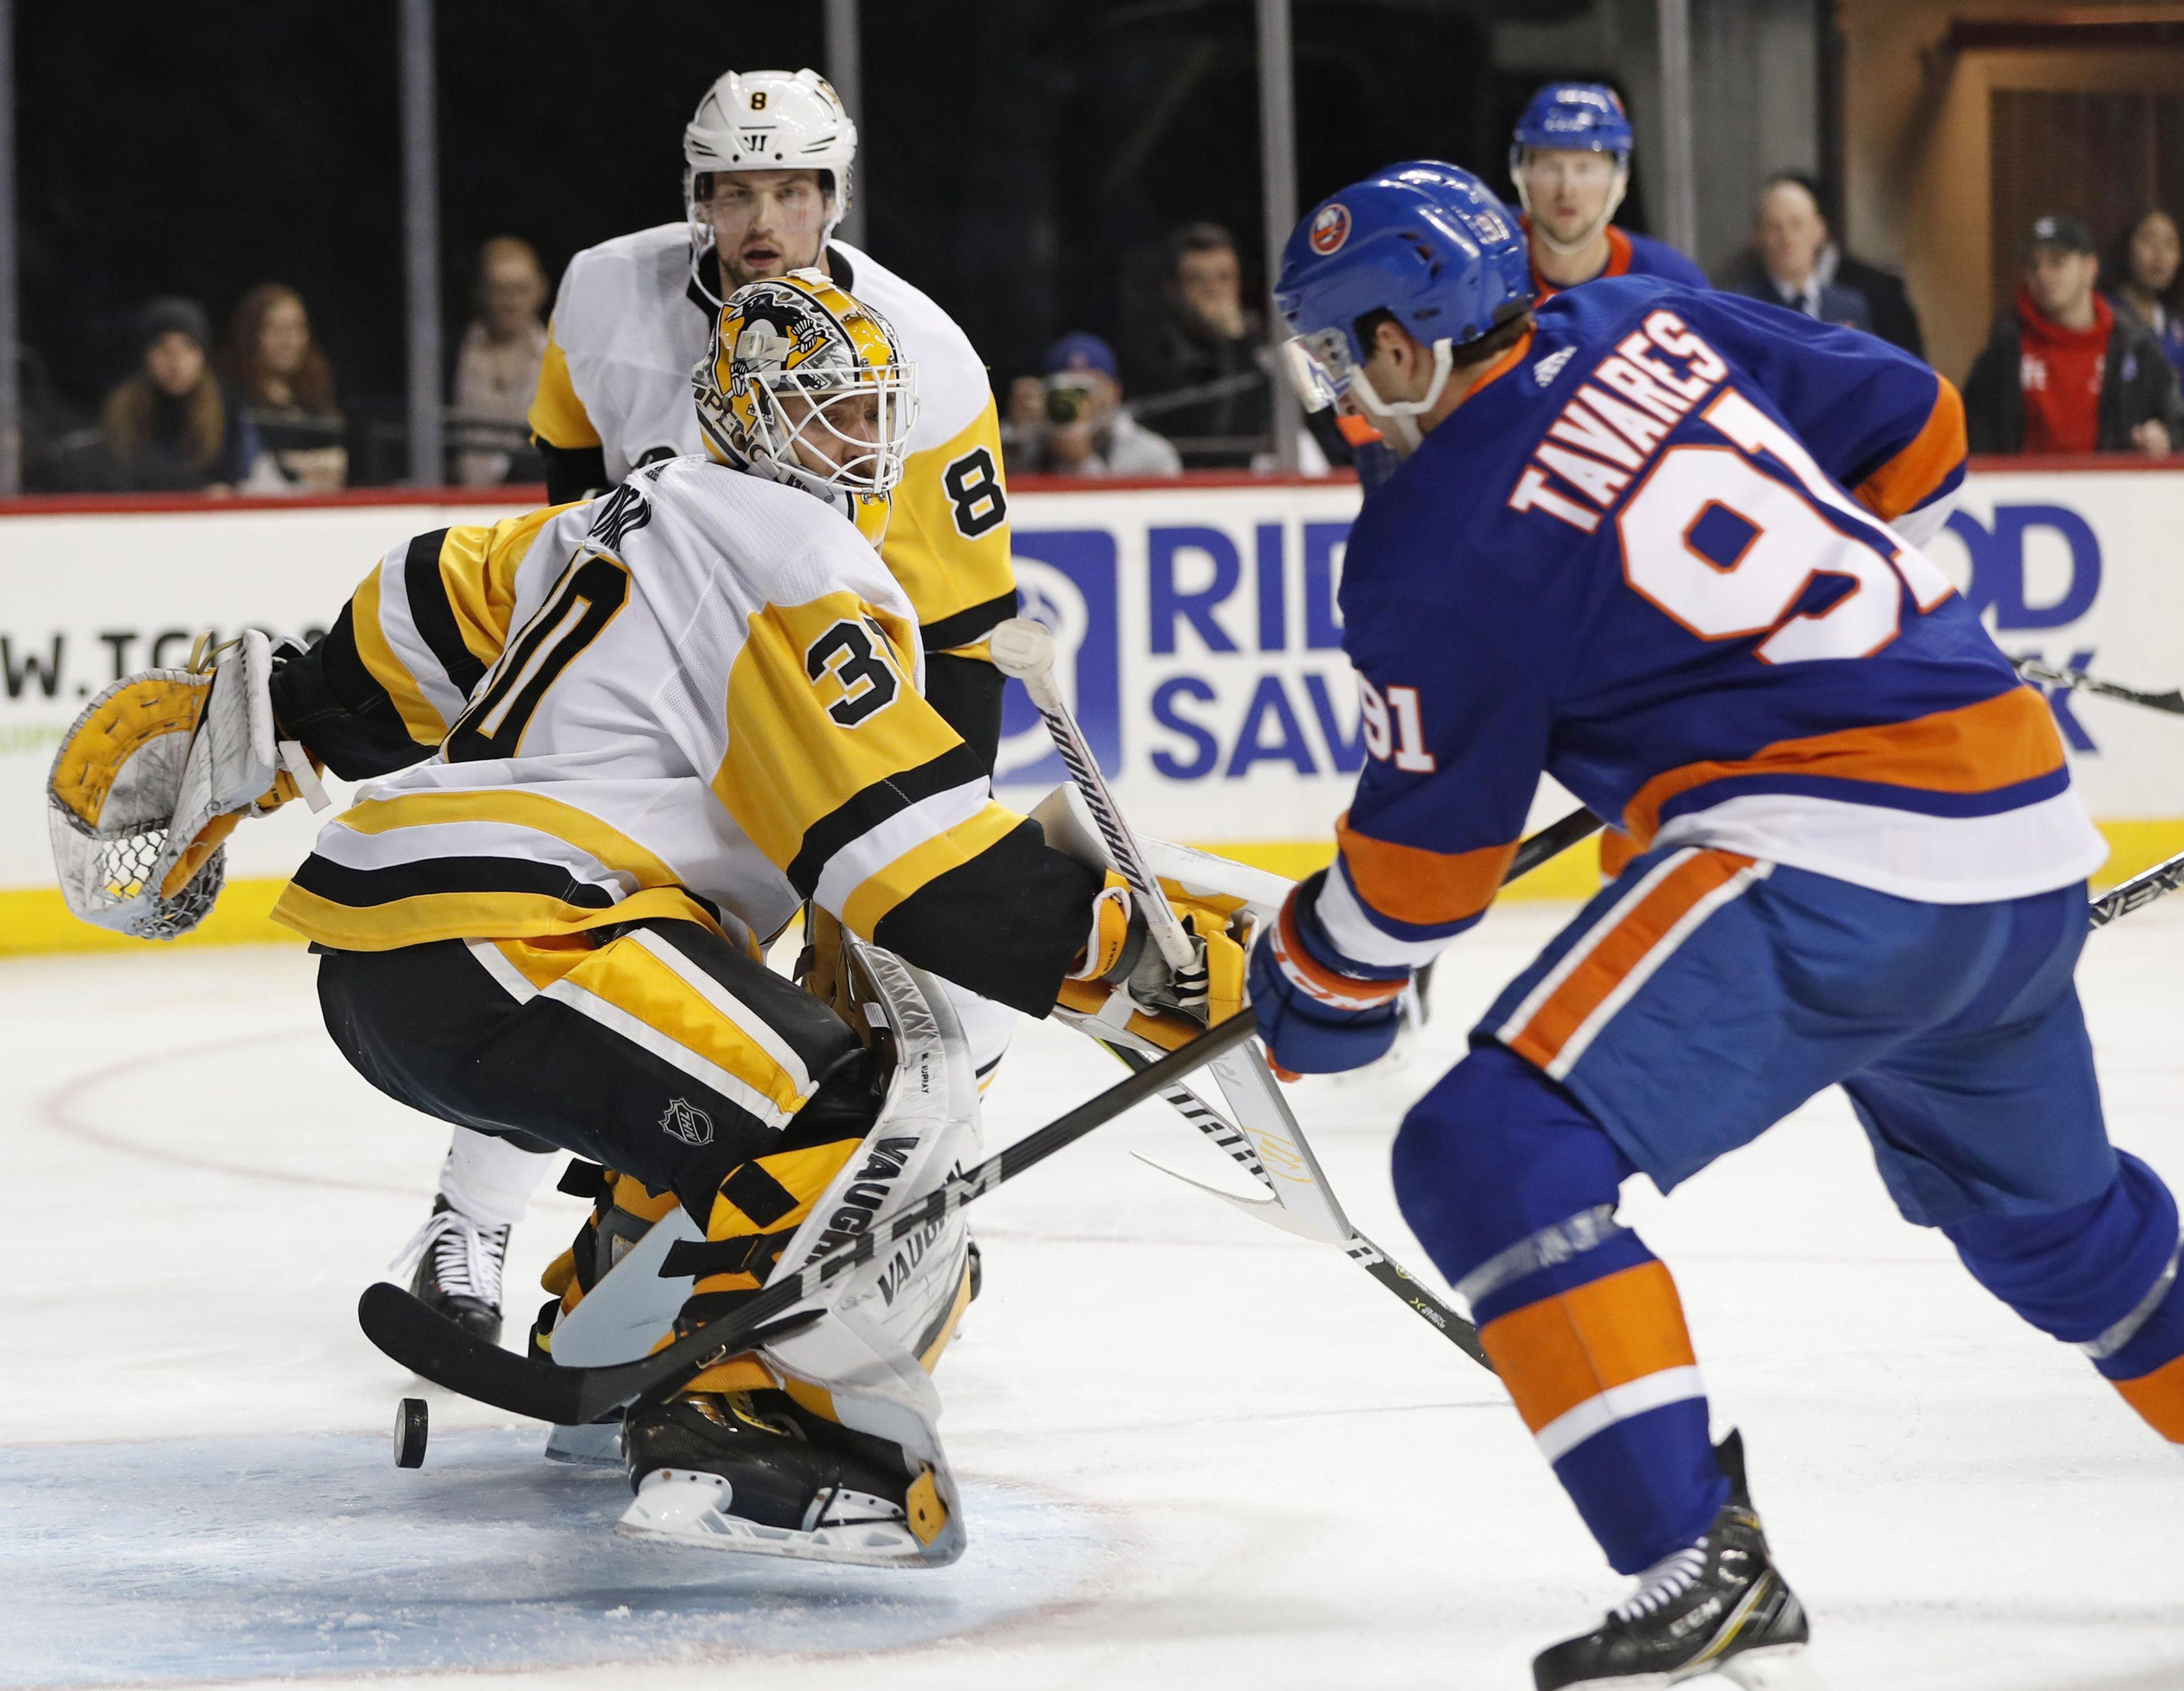 Penguins_islanders_hockey_87520_s4096x3172